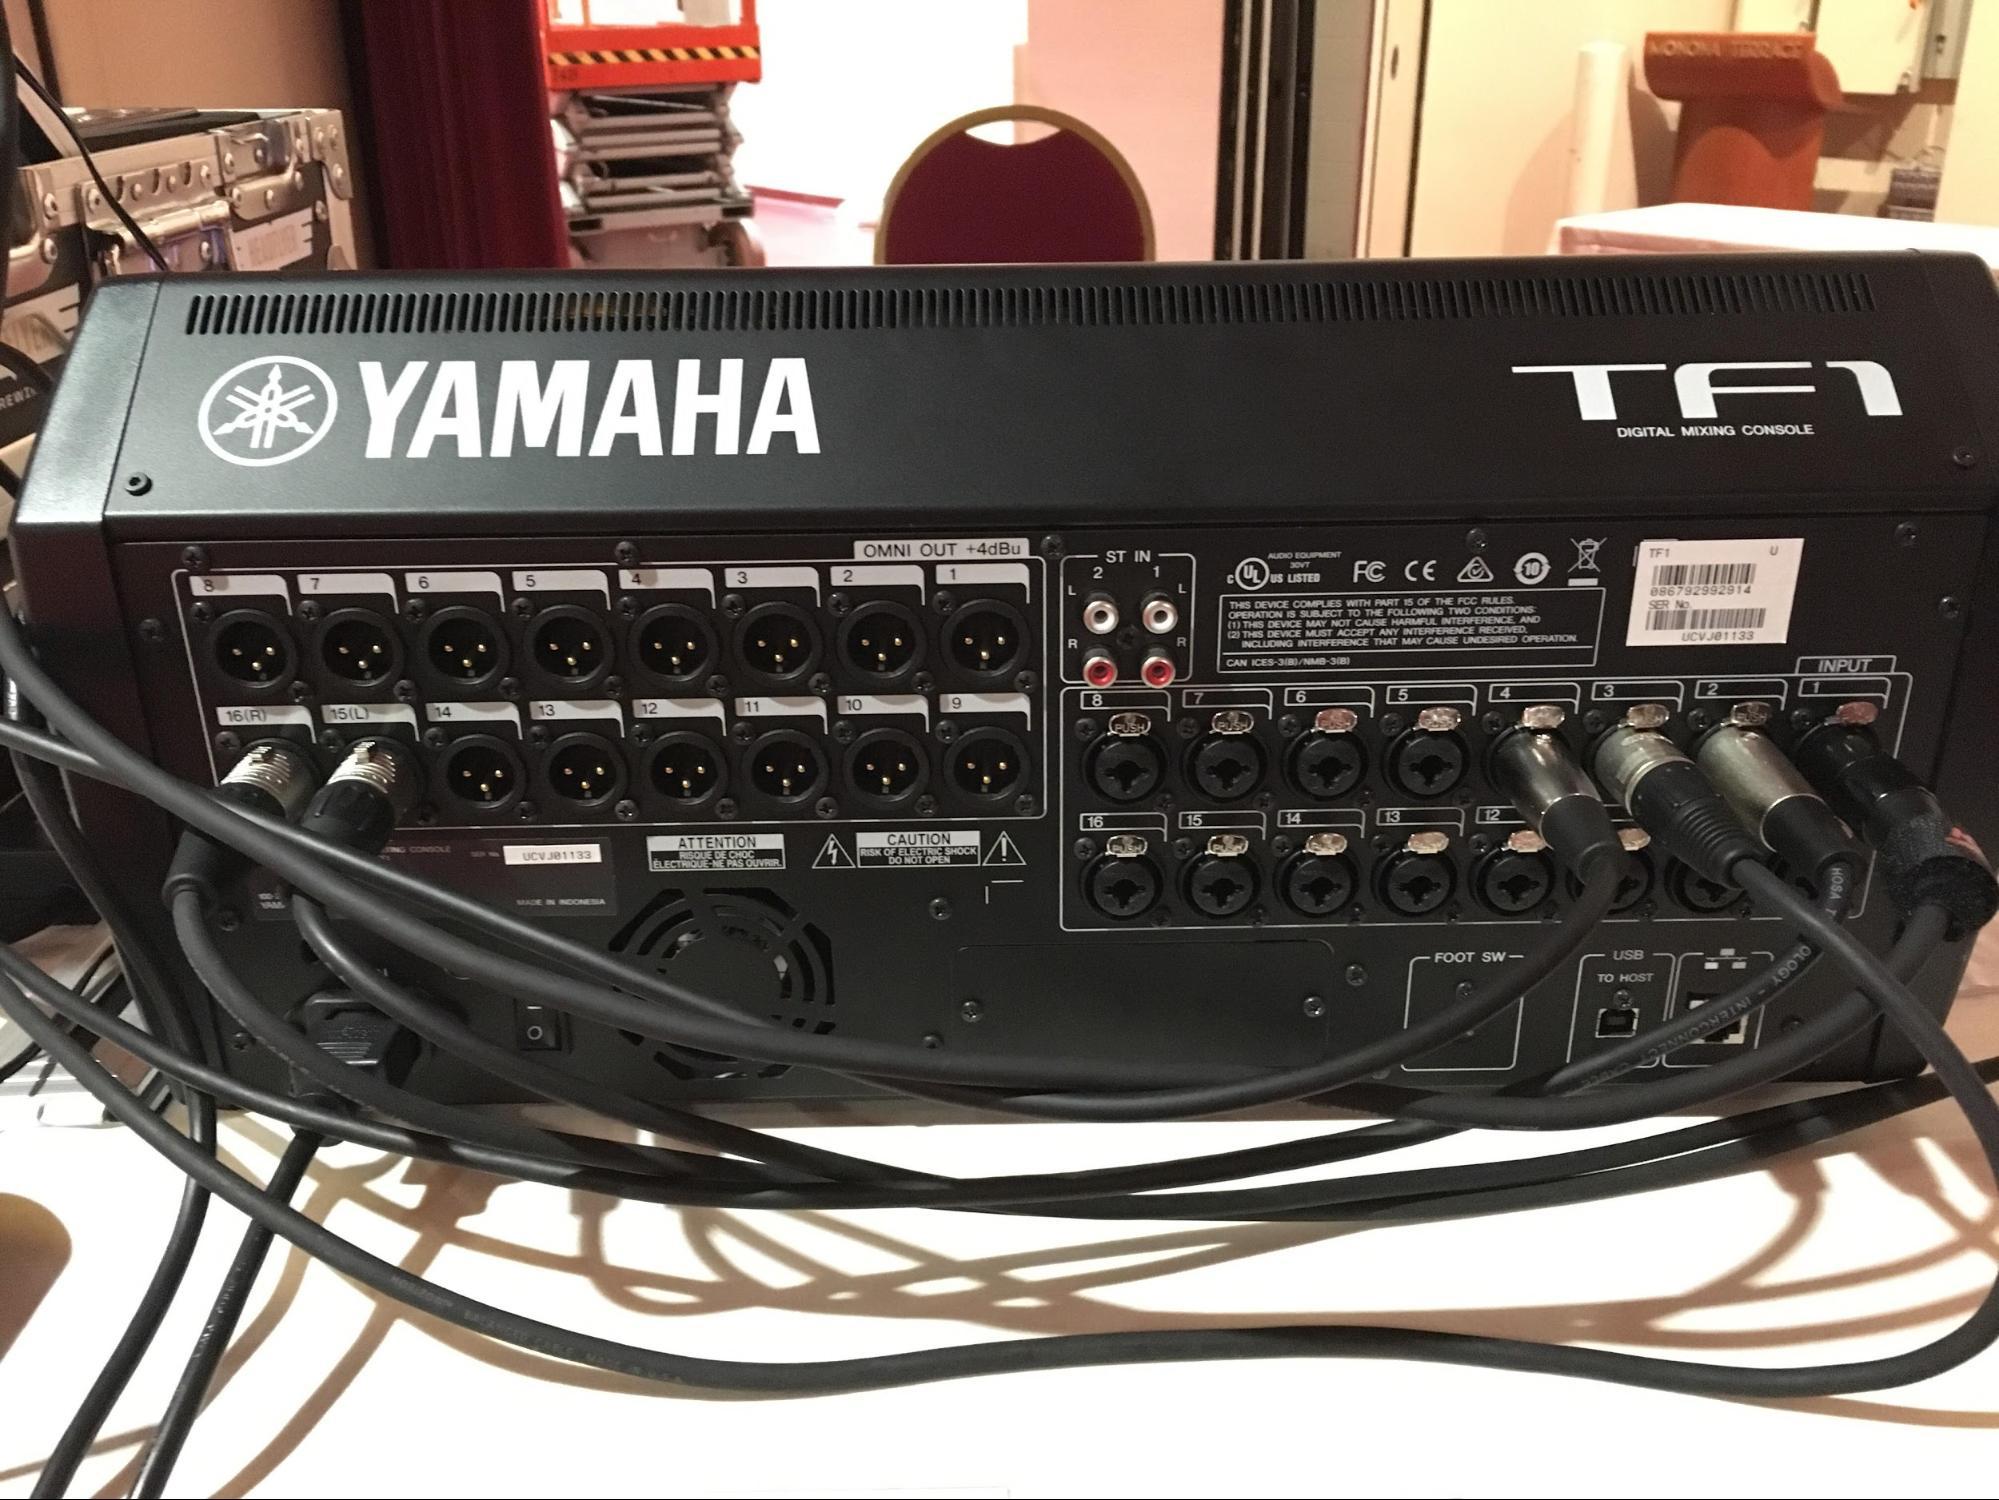 Review Yamaha TF1 Digital Mixer back inputs outputs.jpg